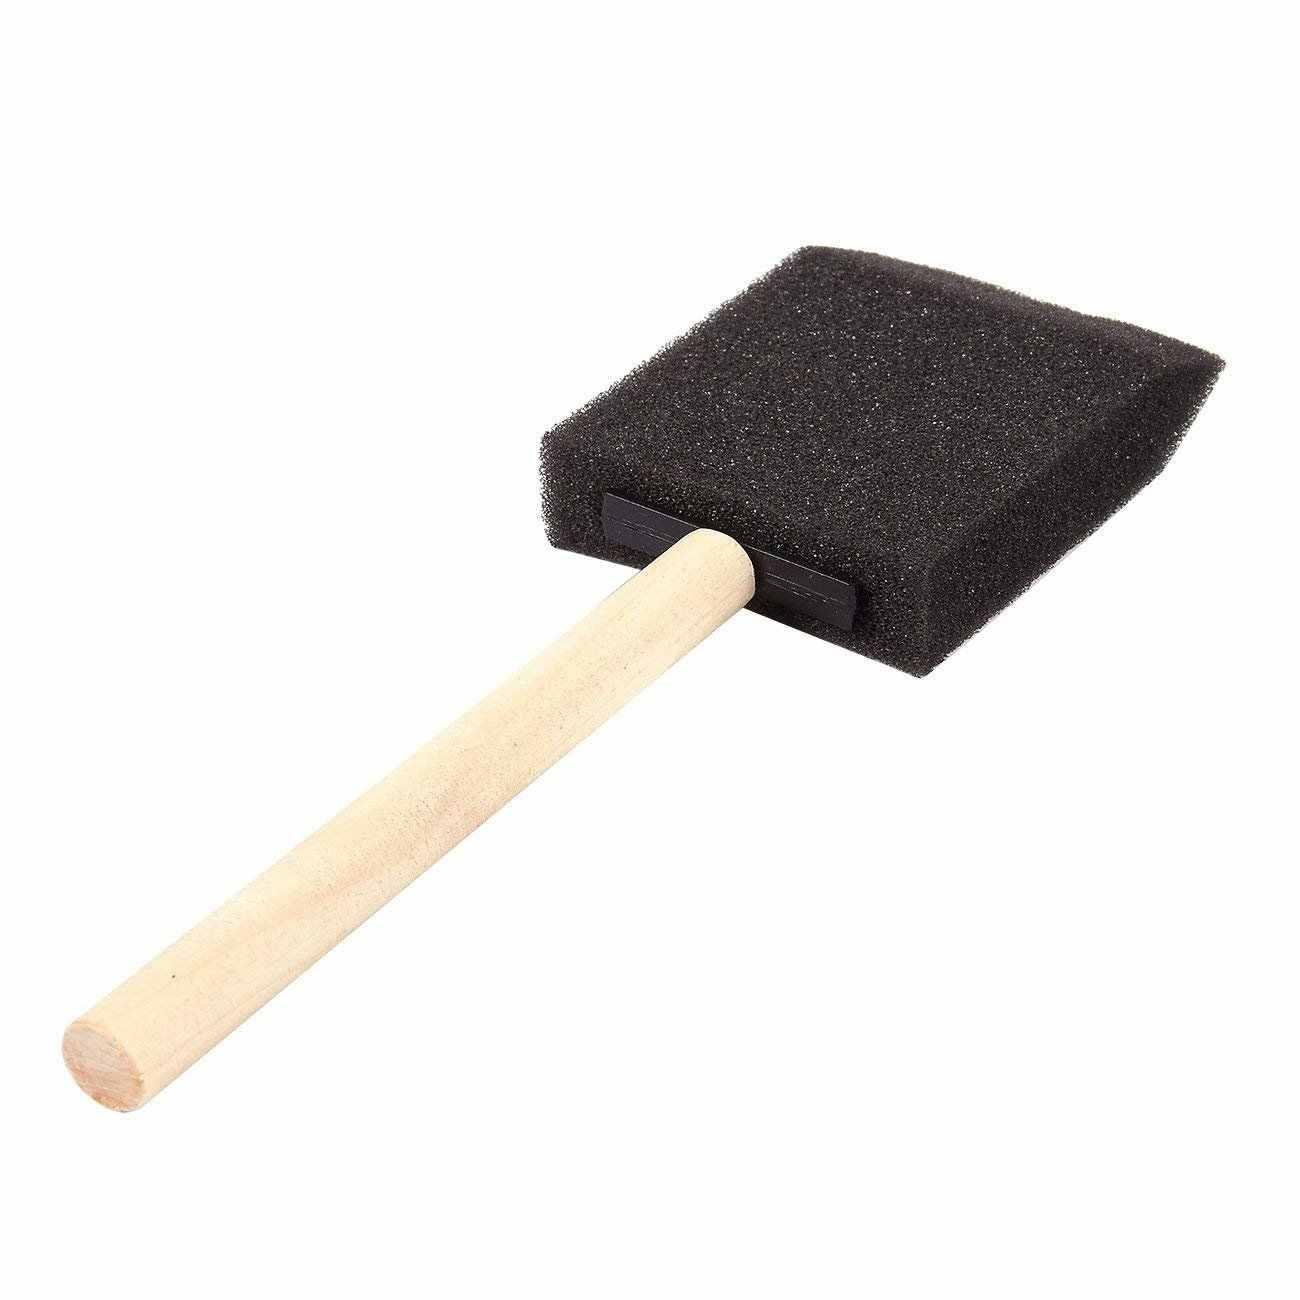 2 дюйма поролонная губка деревянная кисть для краски комплект (экономичная упаковка мембранного указателся 40)-легкий, прочный и отлично подходит для акрила, Красители, Varni